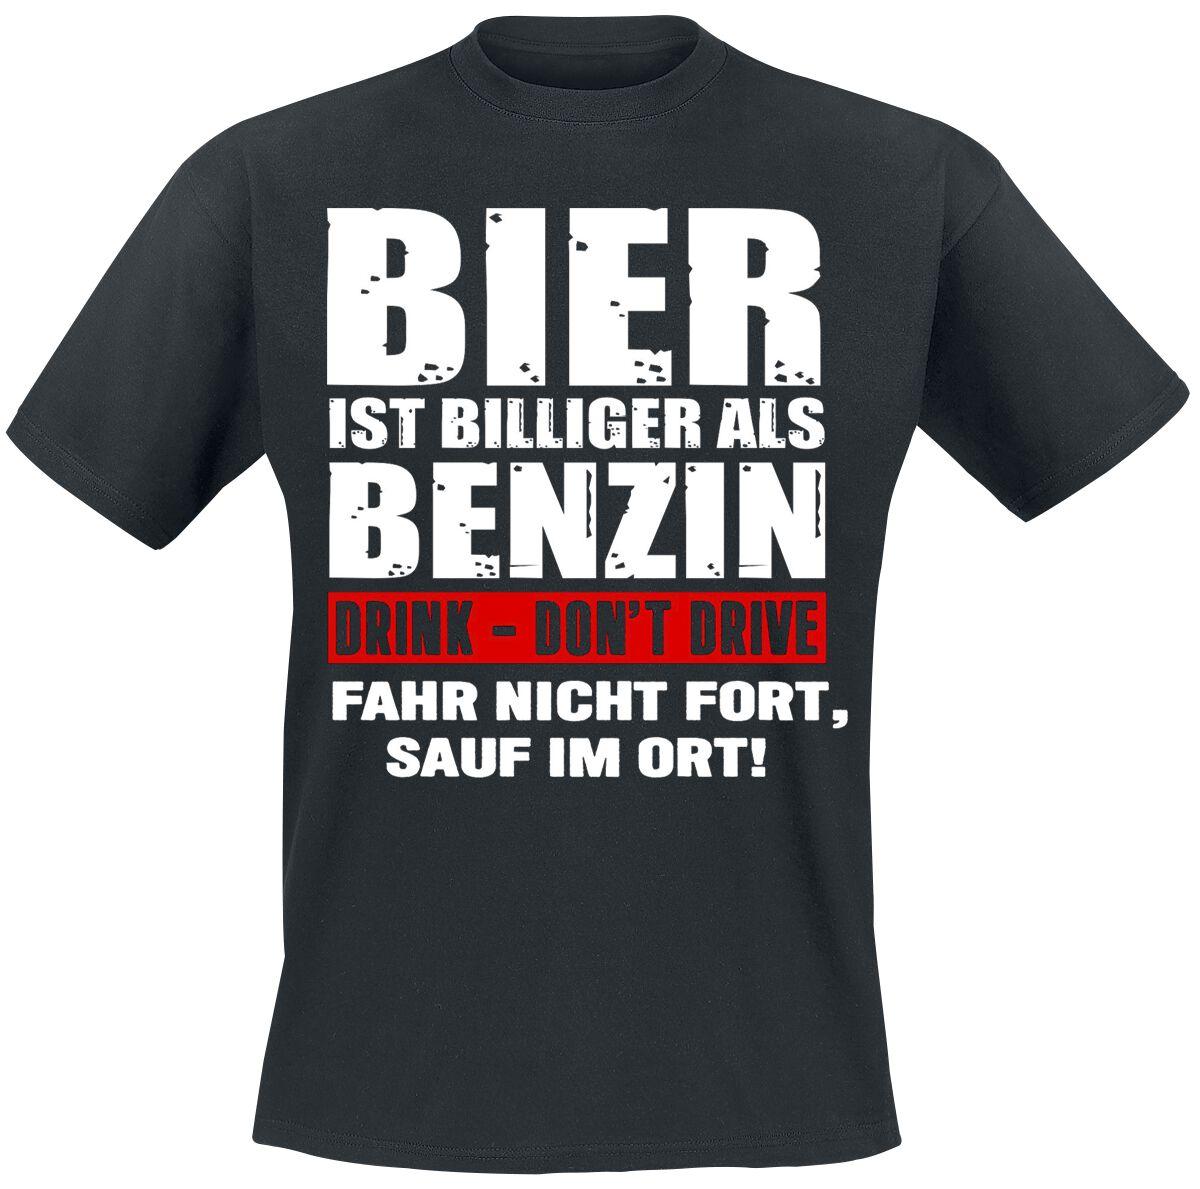 Bier ist billiger als Benzin T-Shirt schwarz 392578_Gildan Softstyle